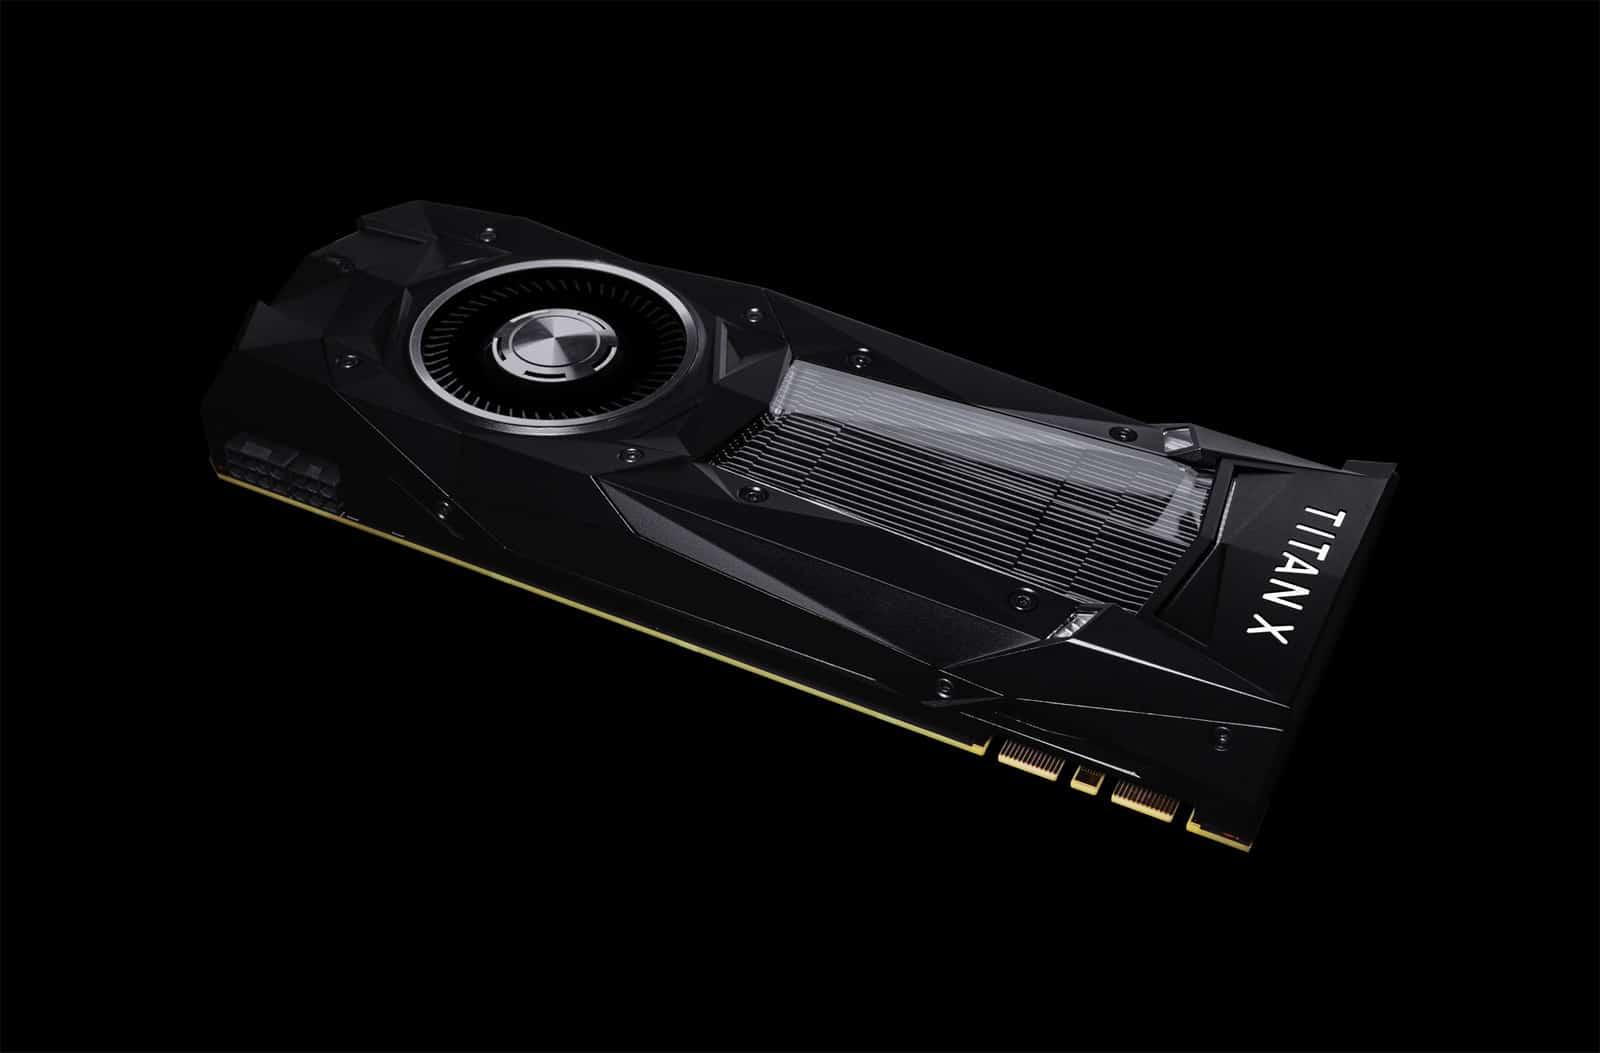 nvidia-titan-x-070417-2